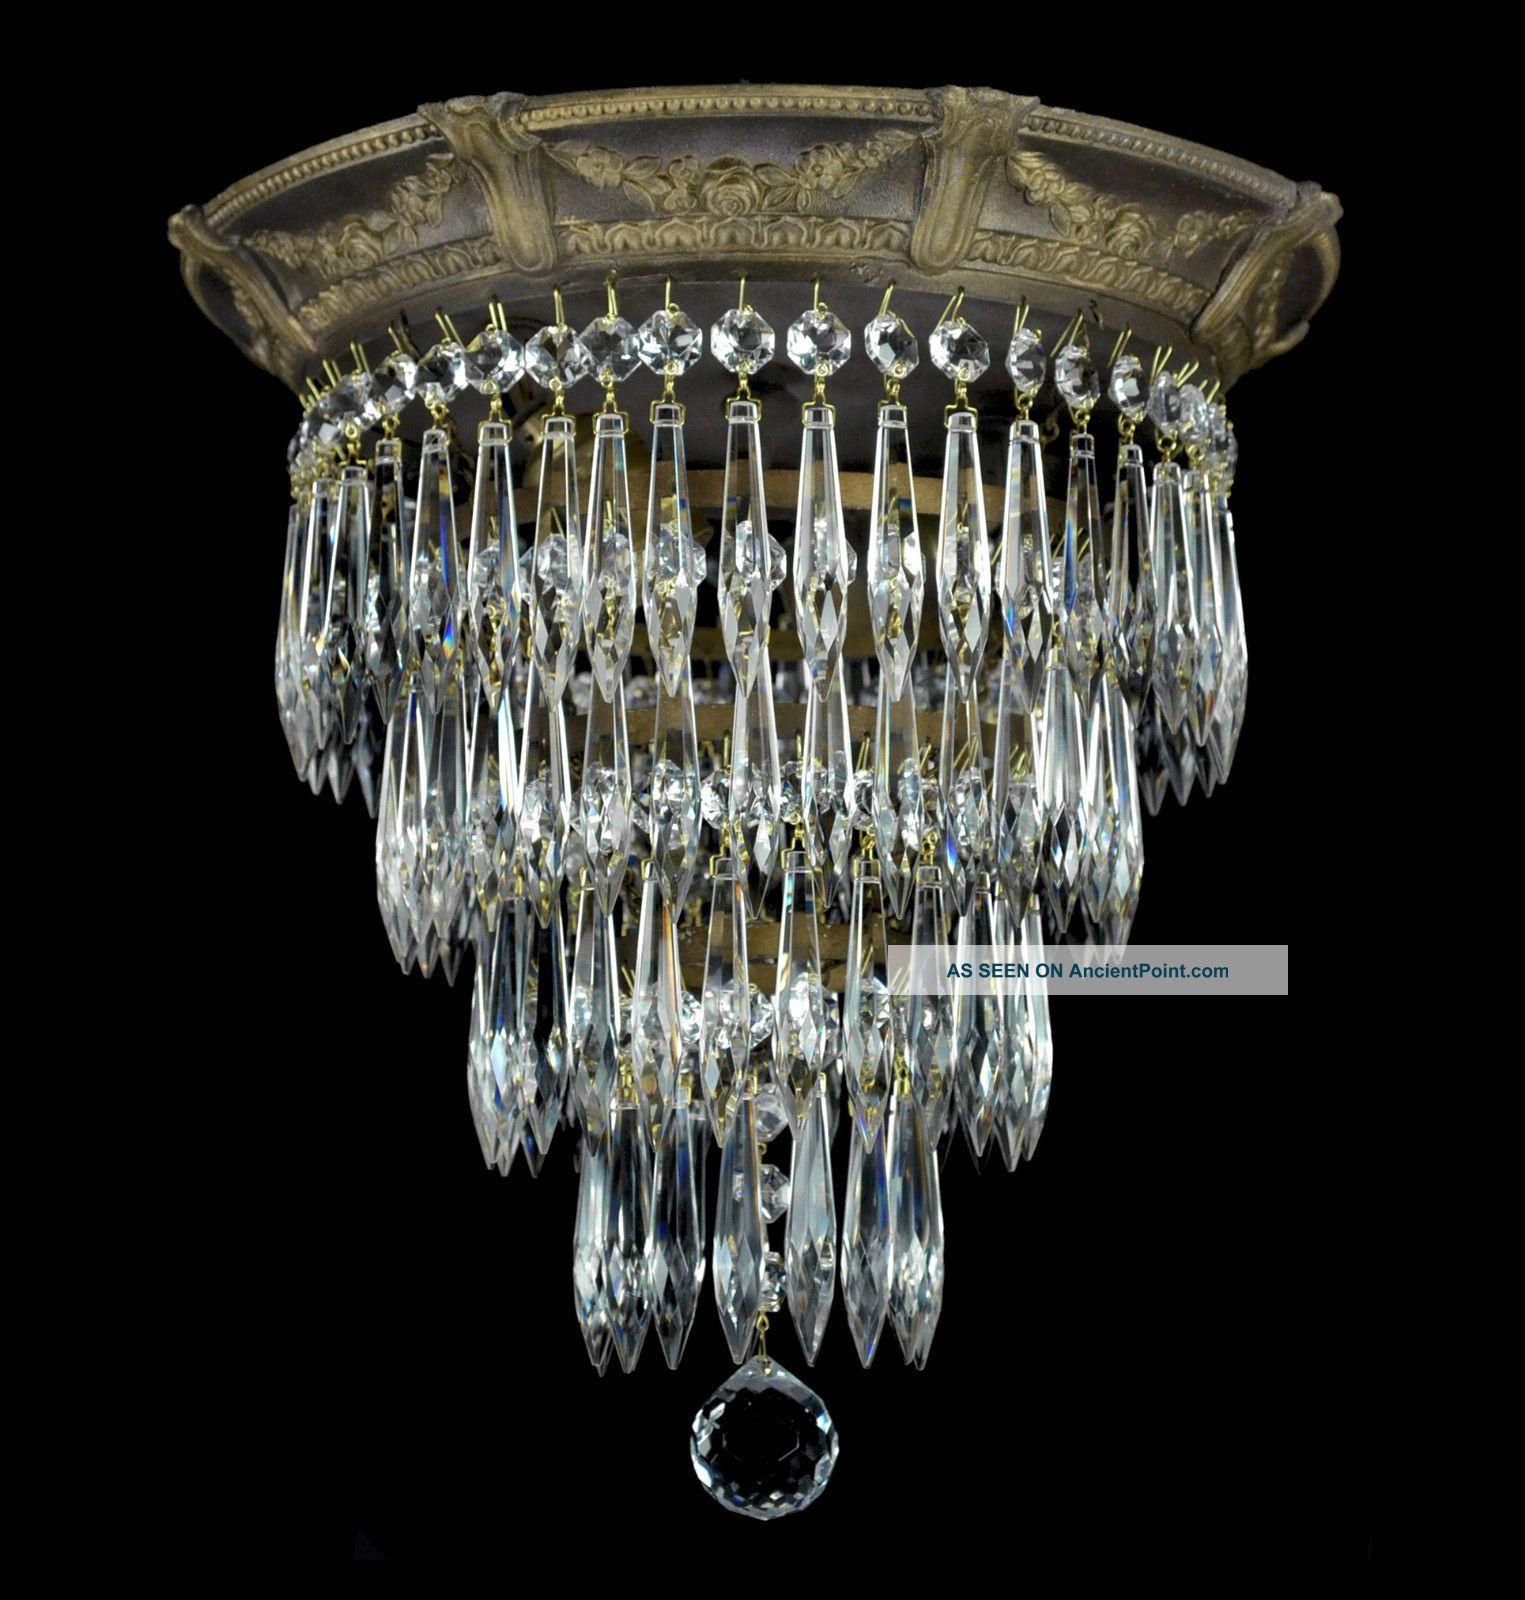 Vintage Flush Mount Crystal Chandelier images